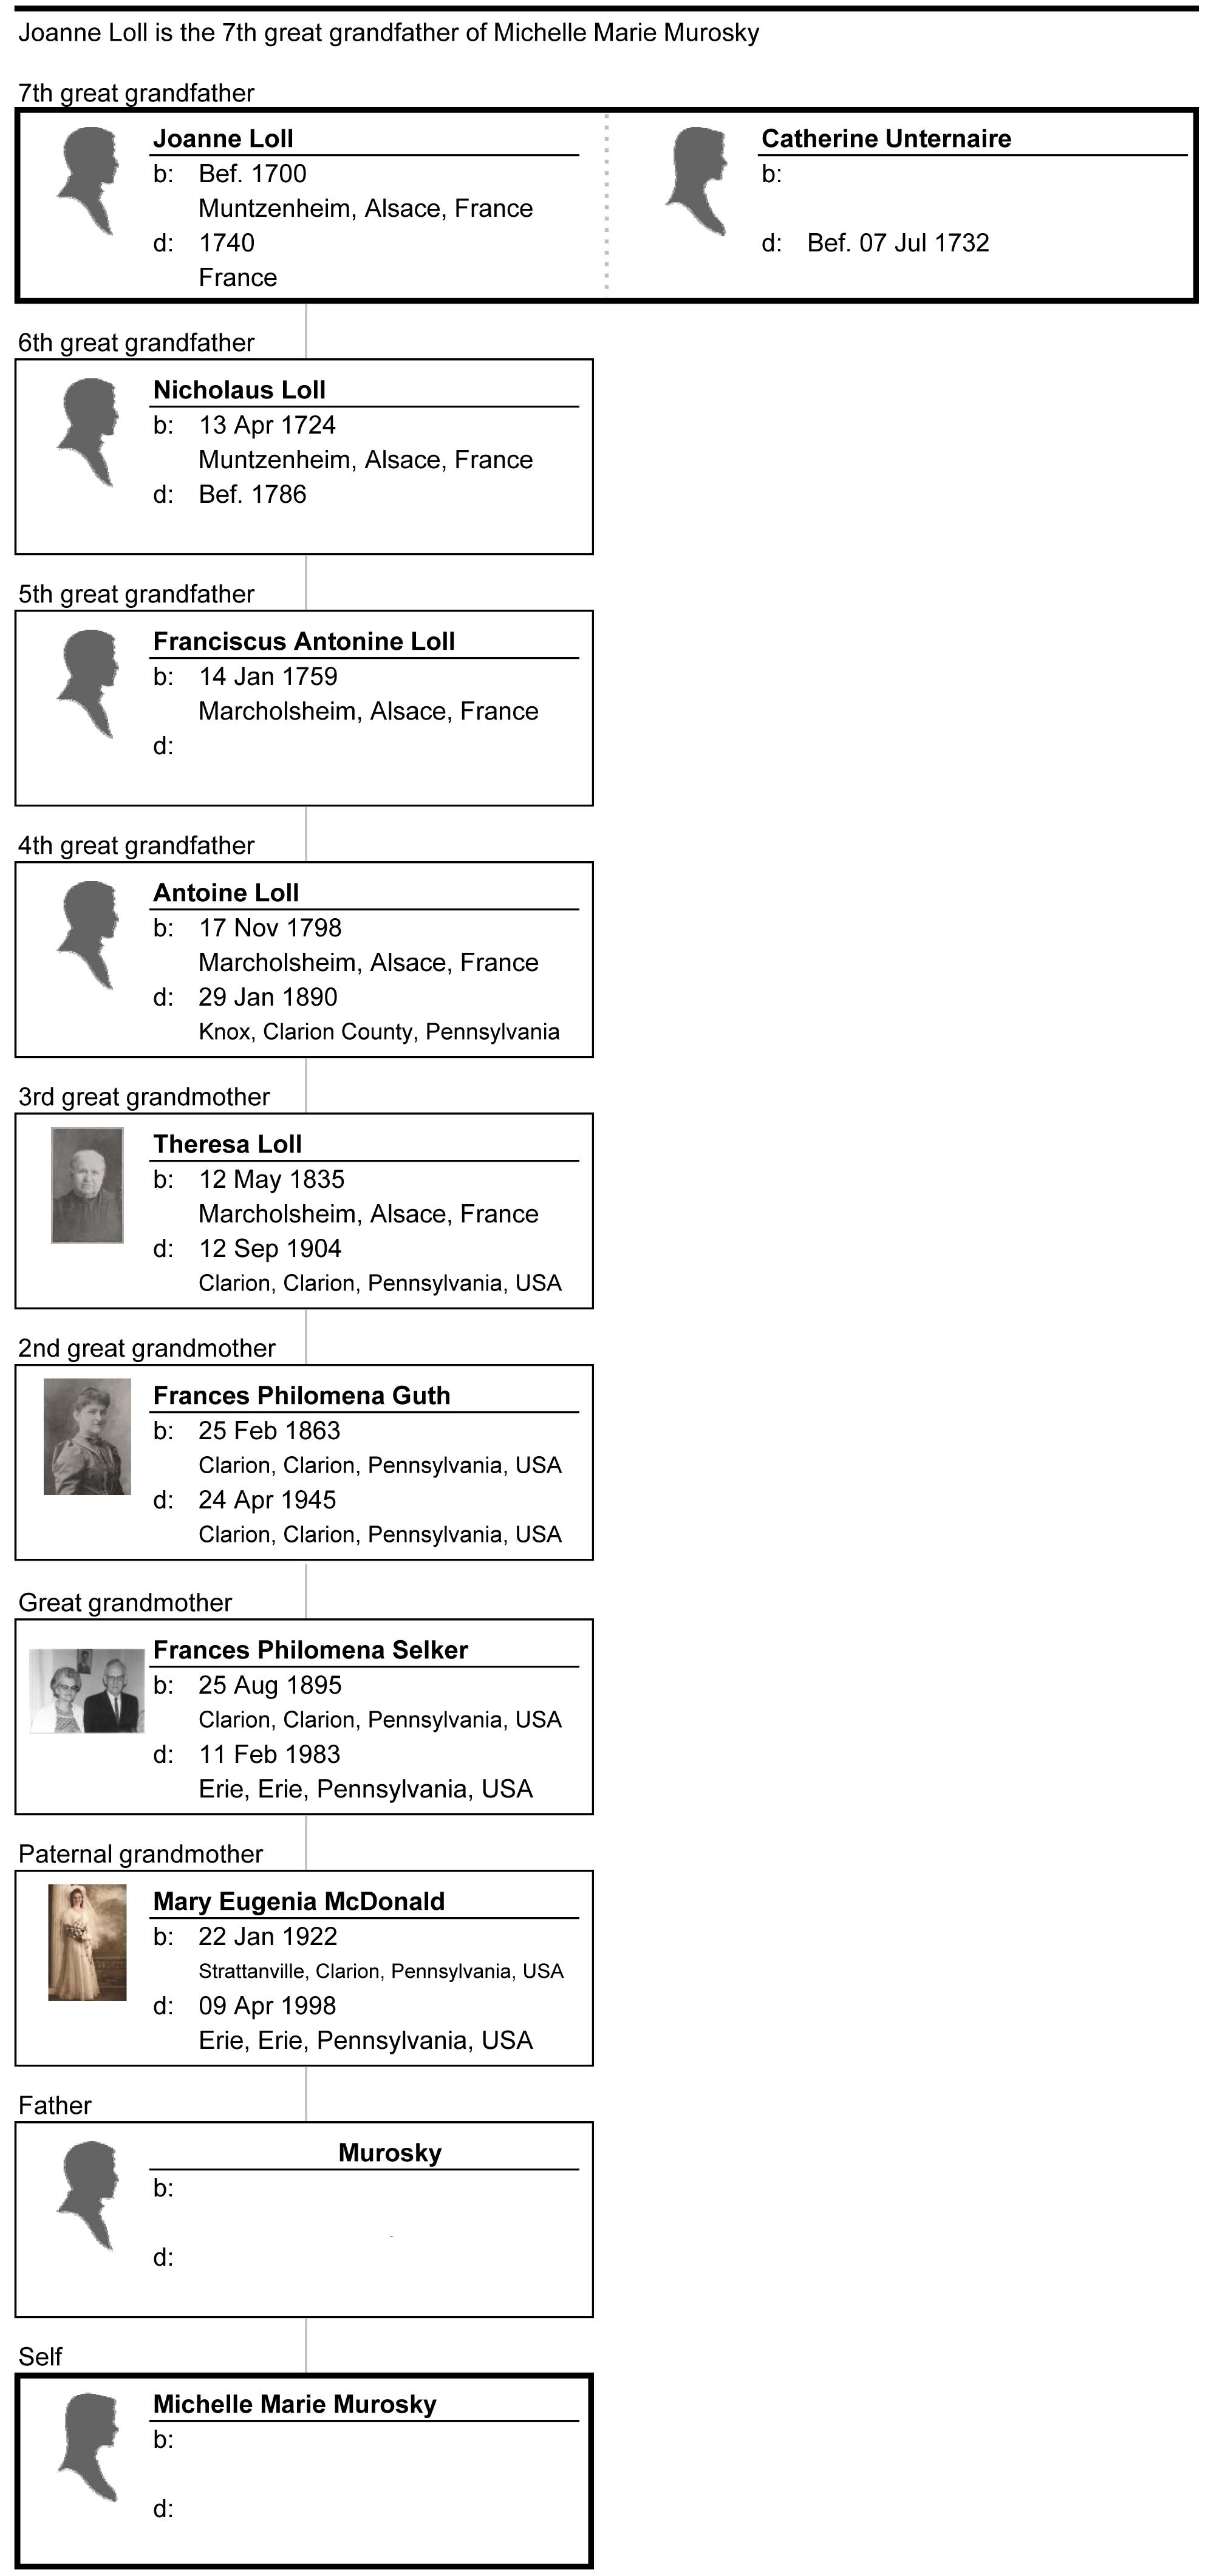 MB Boutiques: Blog Images &emdash; Ancestors - Maternal - Loll